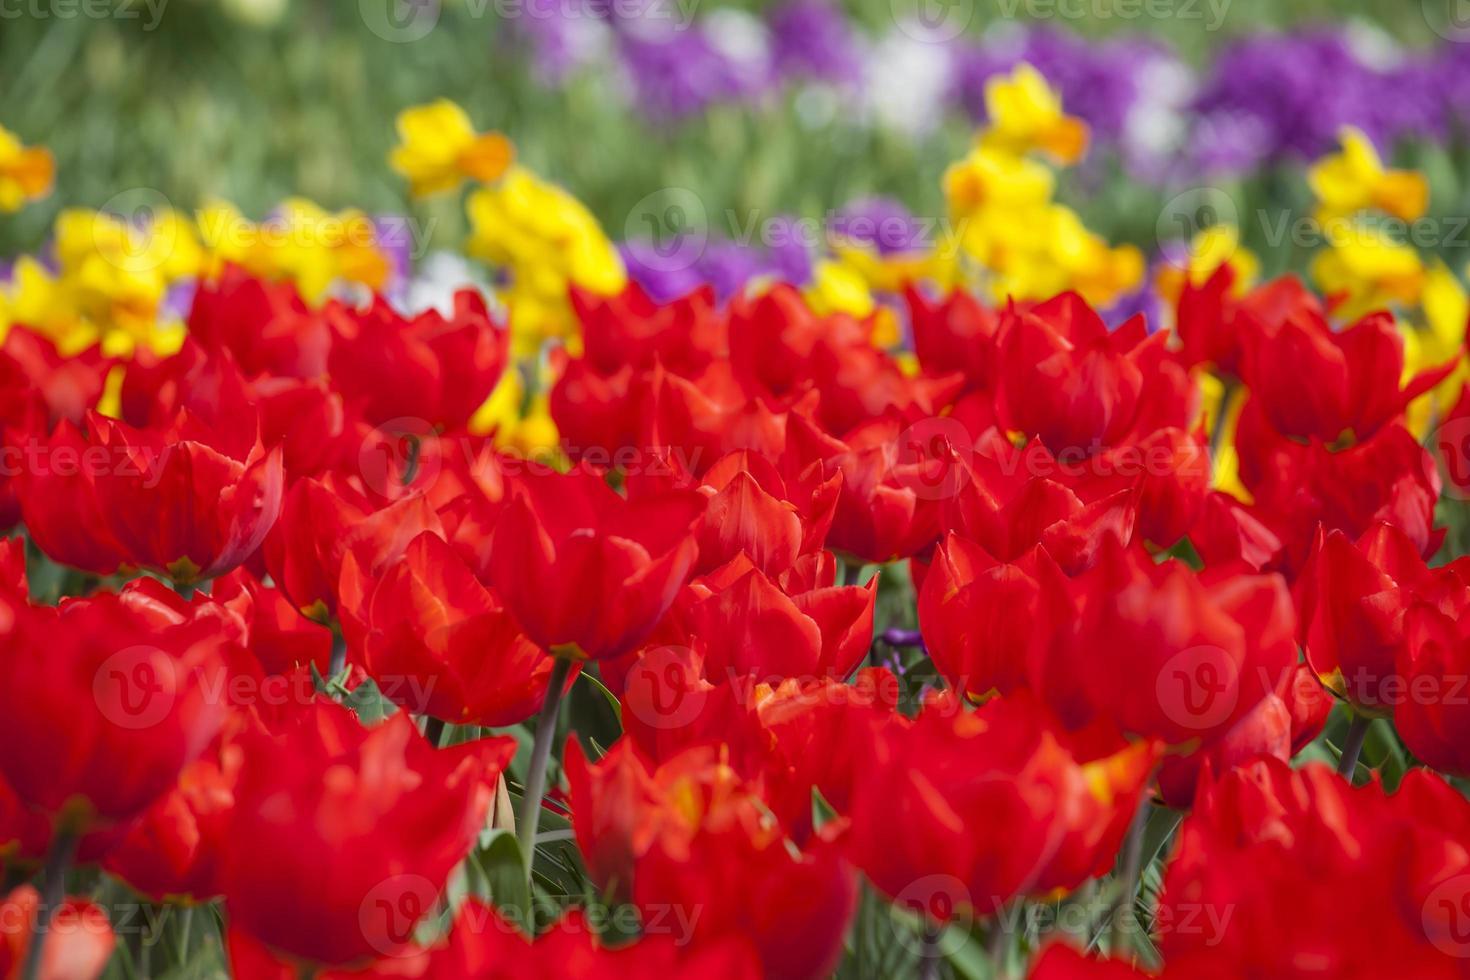 die blühenden roten Tulpen foto